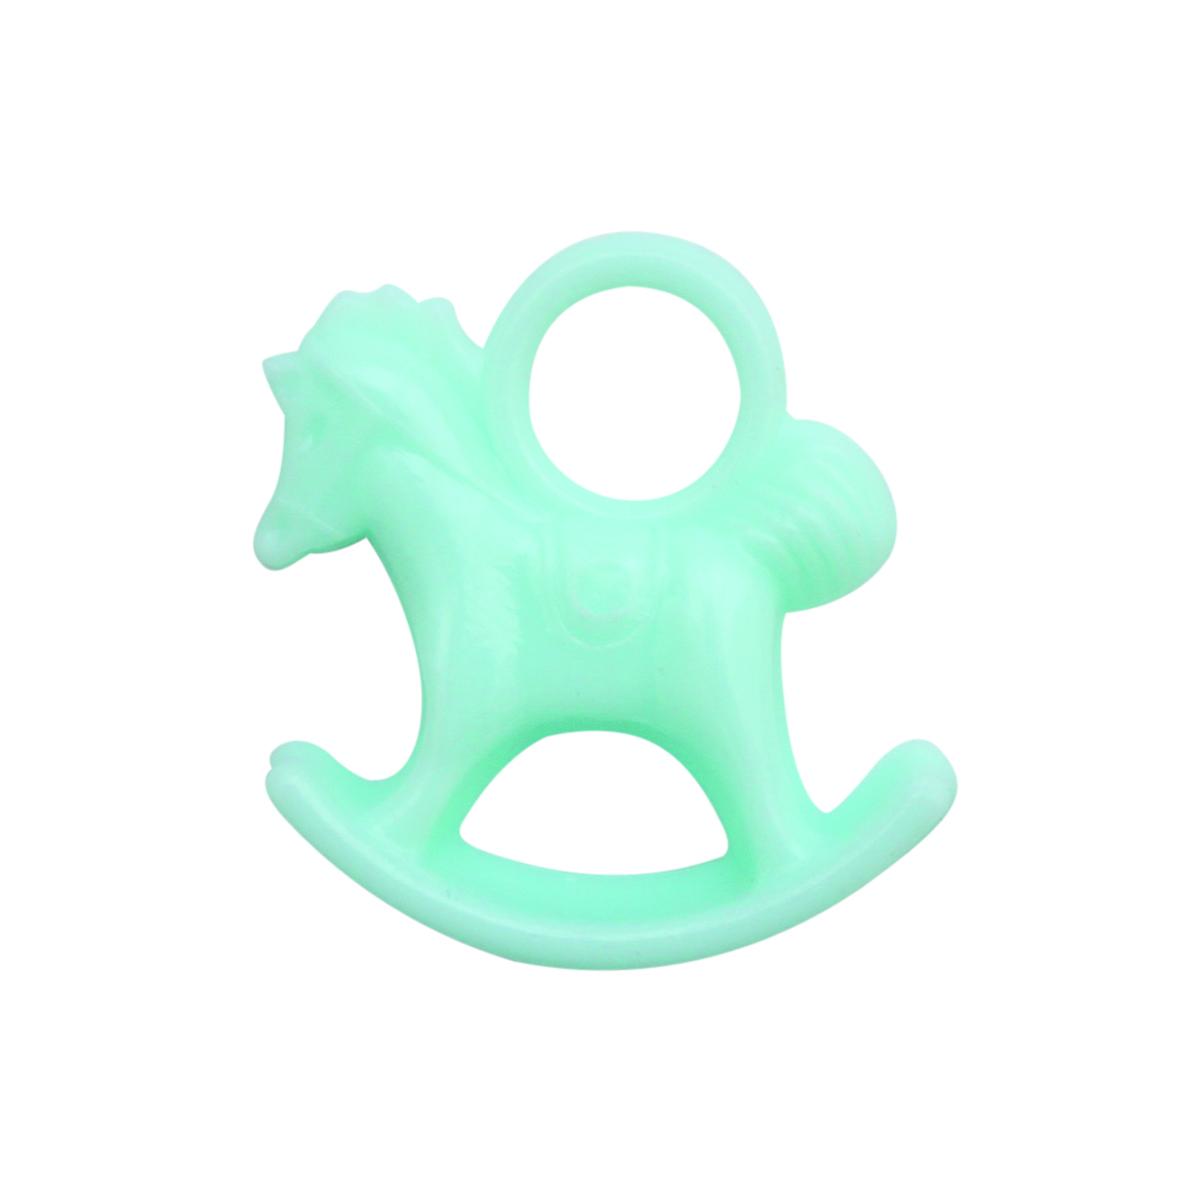 Декоративный элемент Lan Jing Ling Лошадка, цвет: голубой, 6 шт580791_ голубойНабор Lan Jing Ling Лошадка состоит из 6 декоративных элементов, изготовленных из высококачественного пластика. Изделия предназначены для декорирования. Они могут пригодиться воформлении подарков, авторских фотоальбомов, открыток, а также в скрапбукинге.Размер элемента: 3 х 3 см.